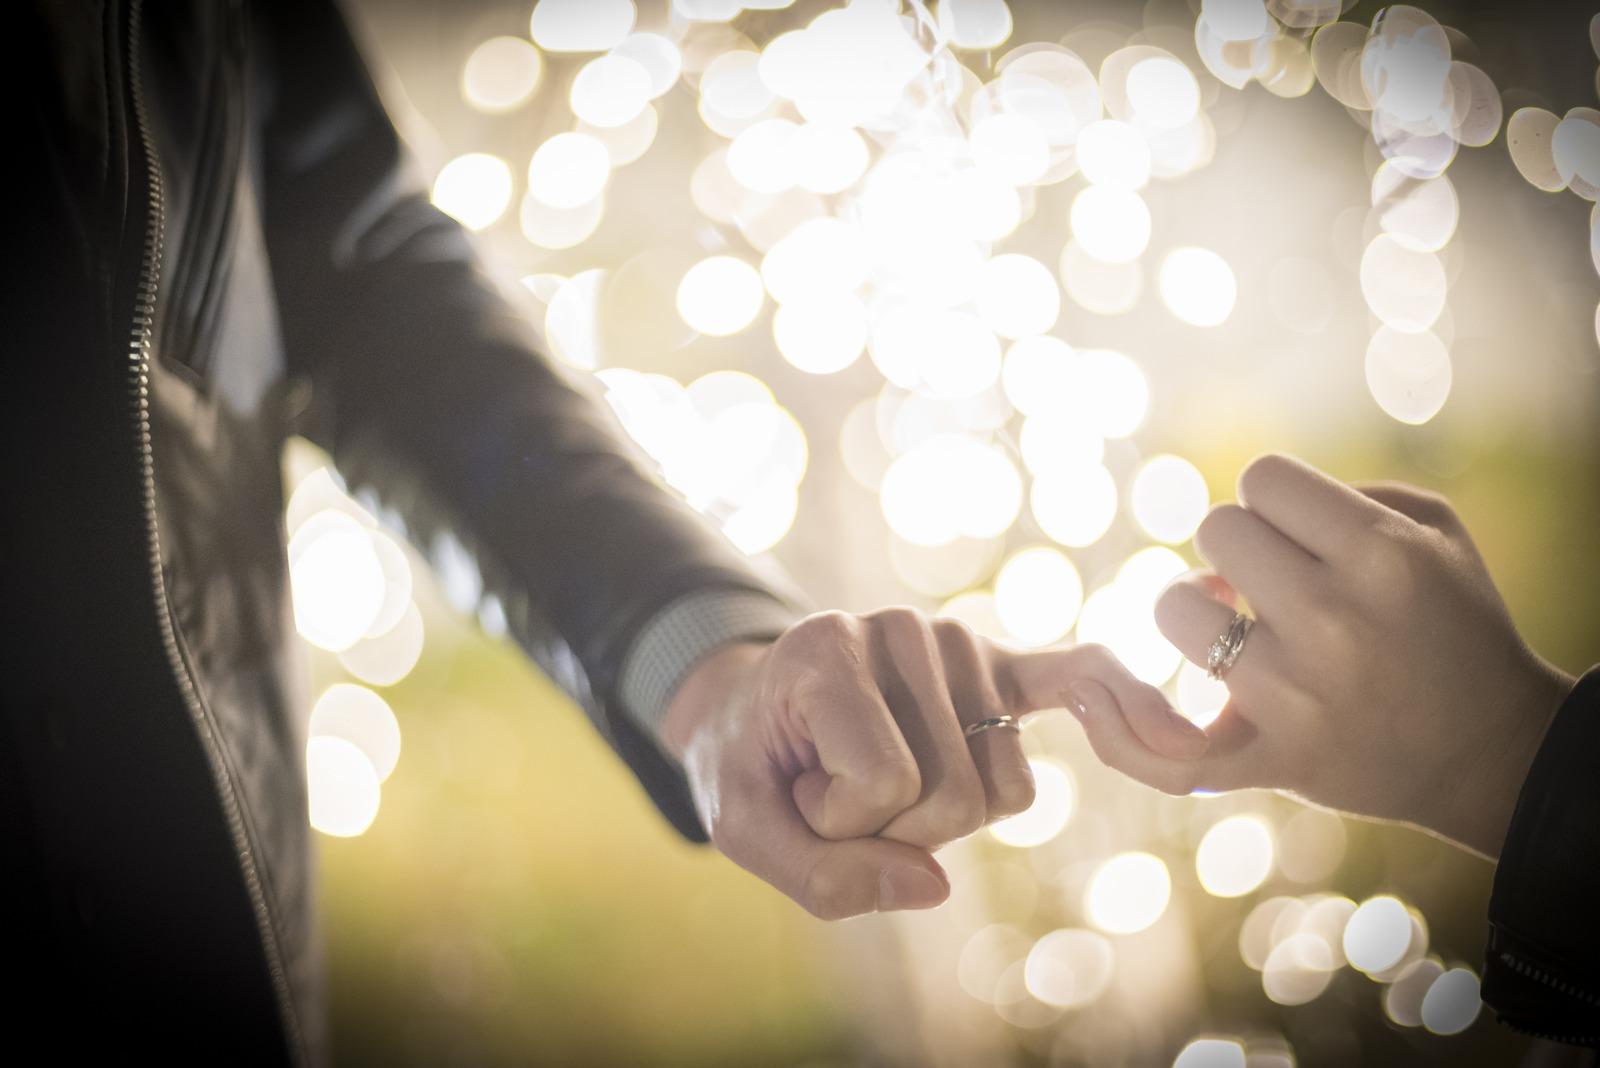 香川の結婚式場のシェルエメール&アイスタイルのイルミネーションが綺麗な結婚式